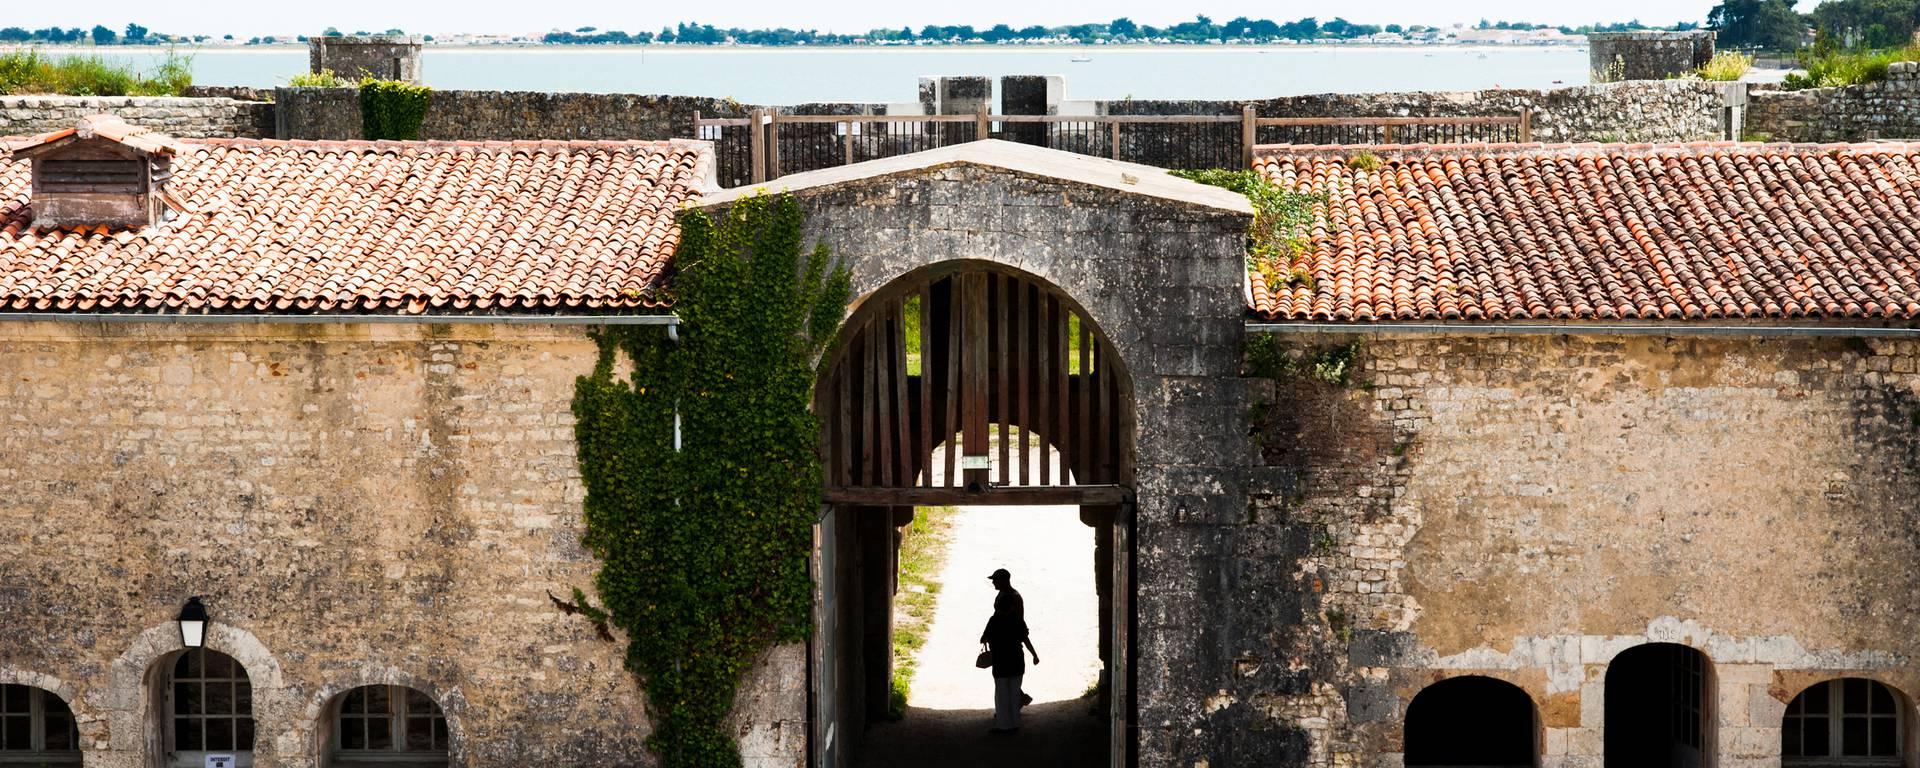 Le fort la Prée in La Flotte en Ré by Elsa Giraud